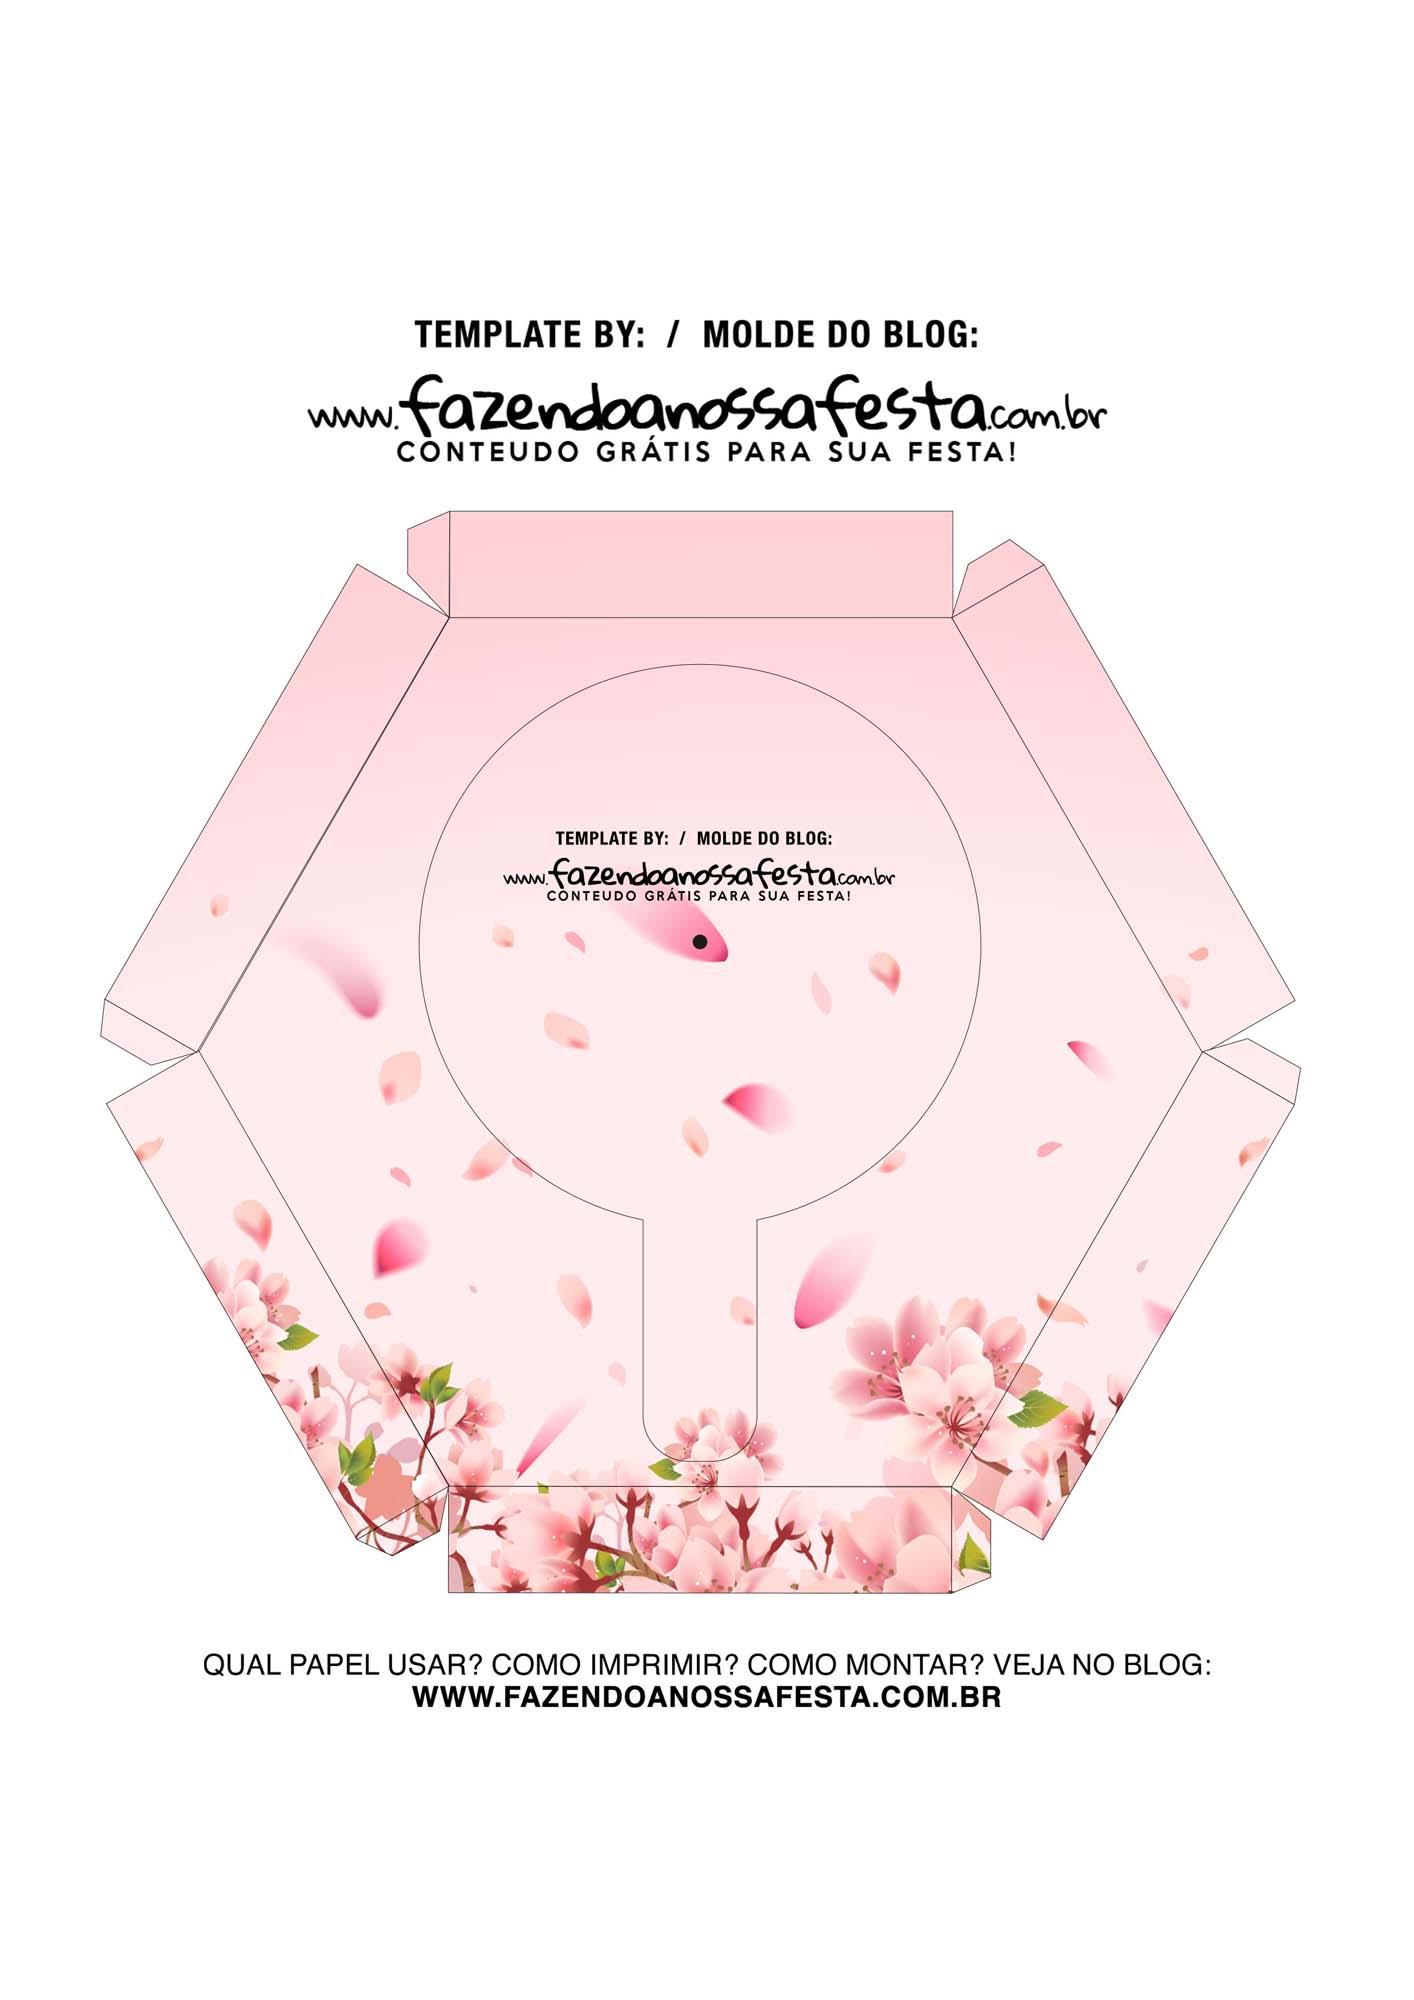 Caixa Explosiva Dia das Maes floral cerejeira 7